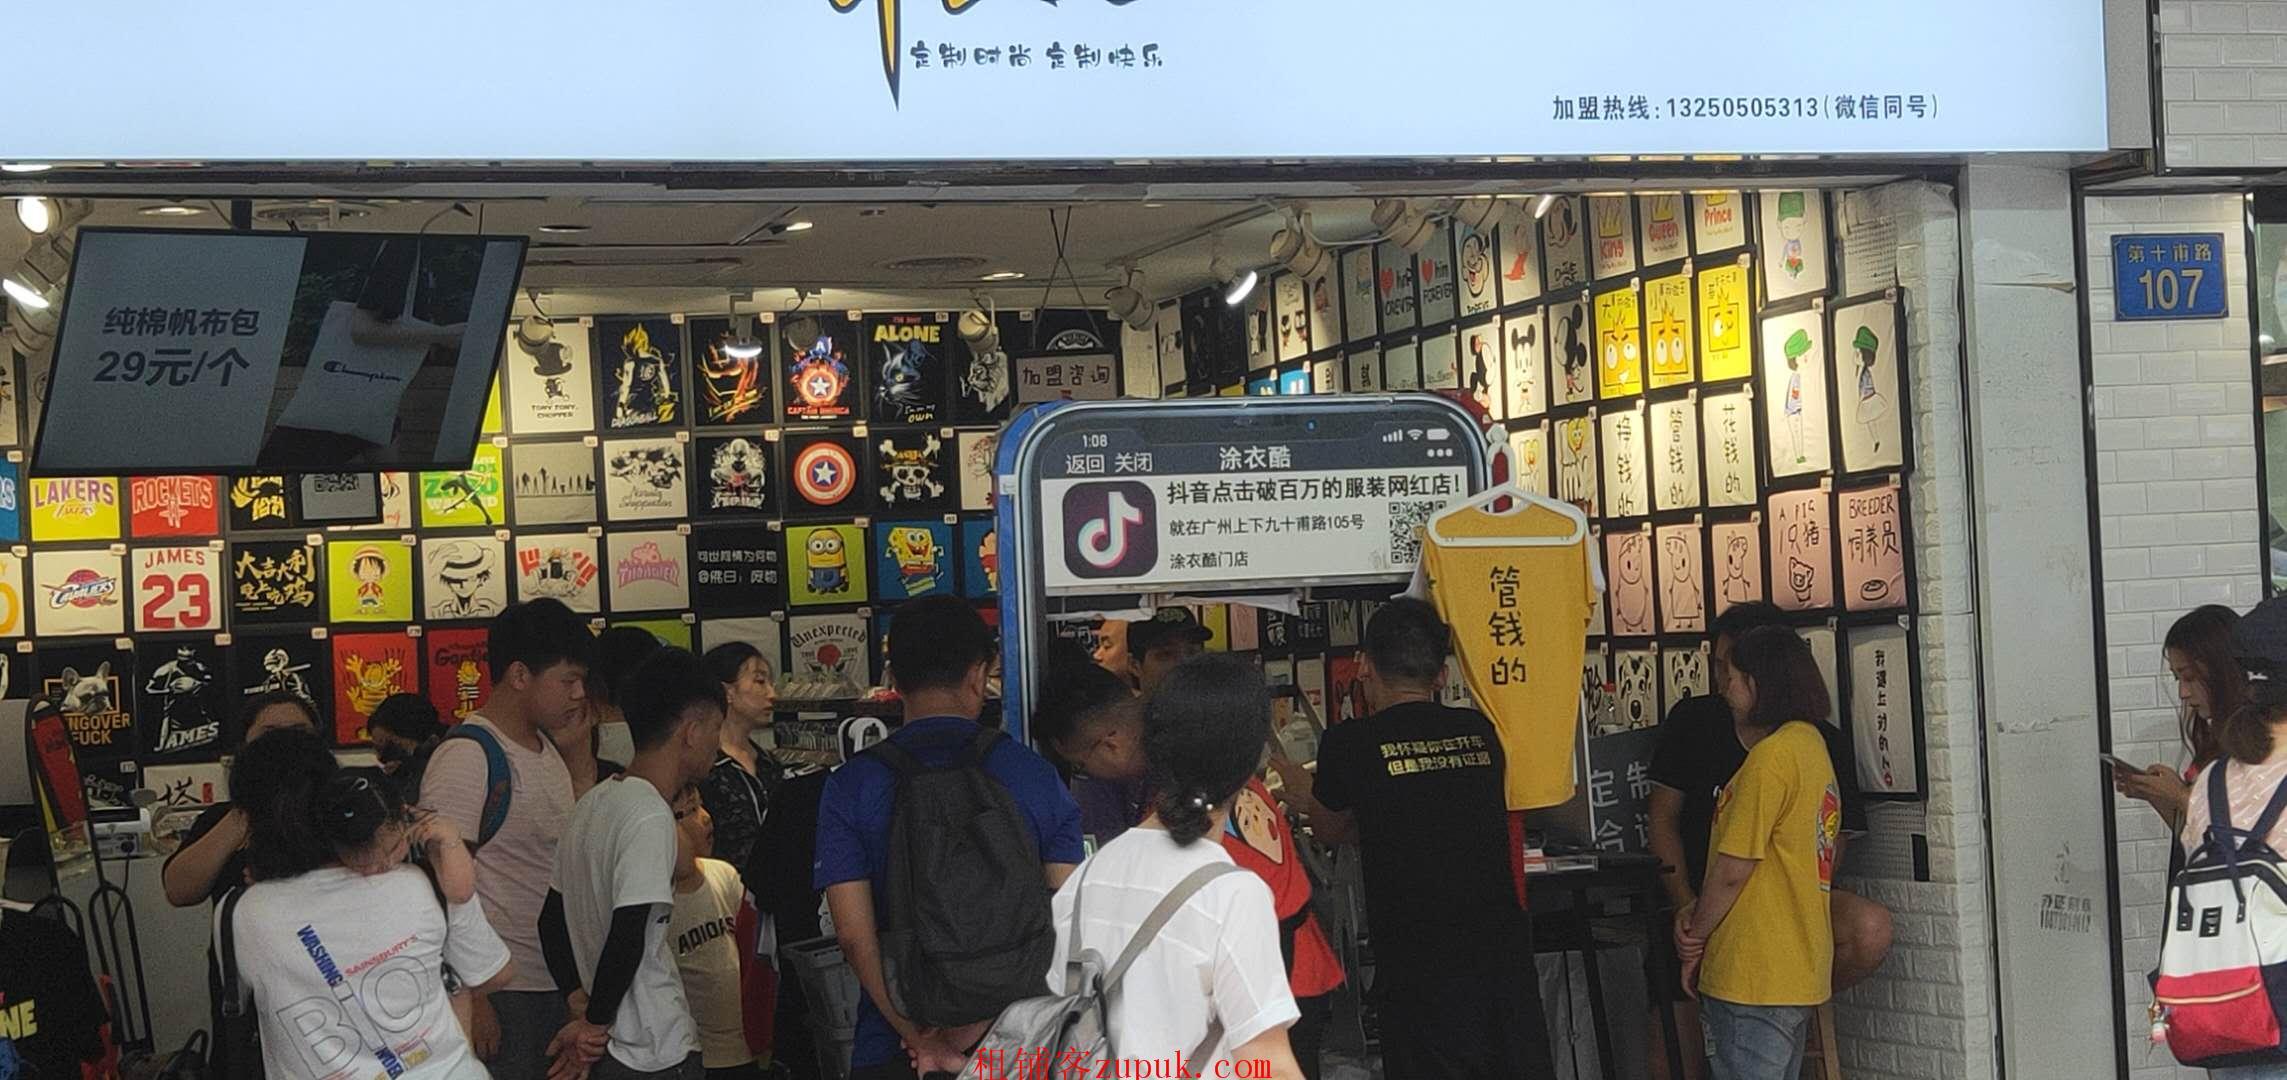 新塘-地铁站,小吃店,证照齐全,门口大客流人多生意好做